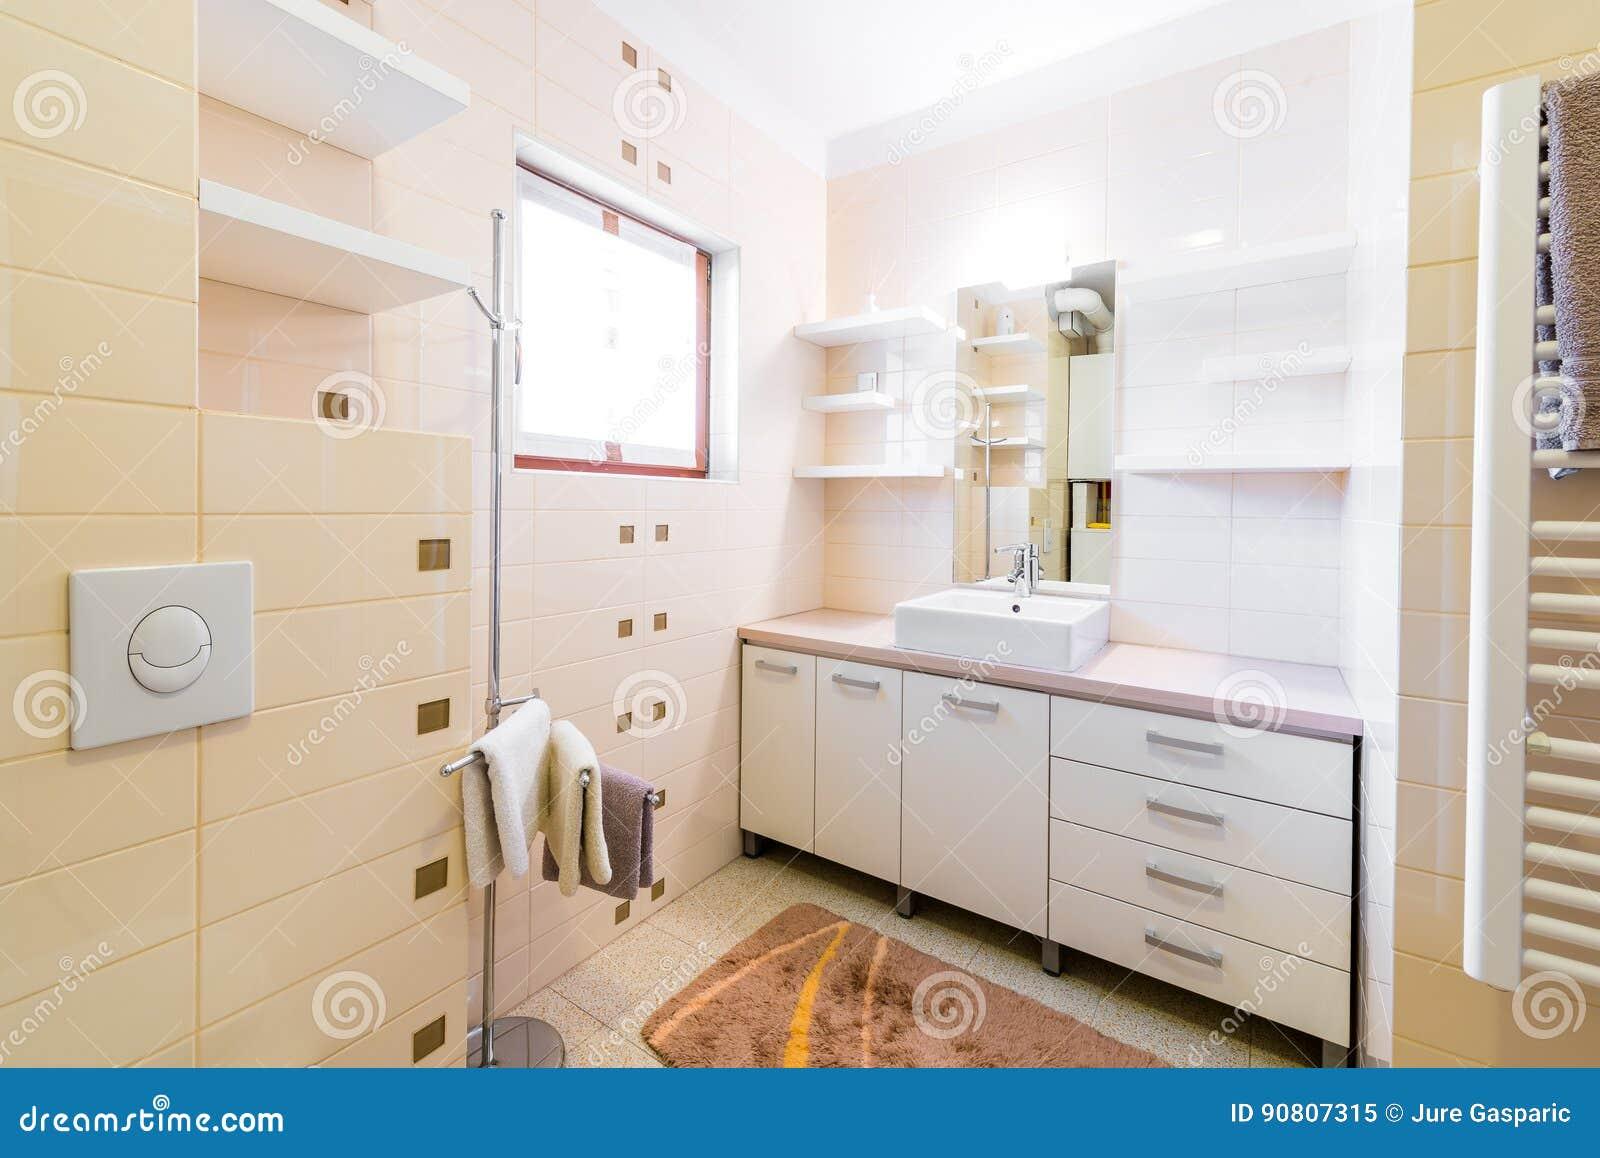 Minimale afmetingen badkamer invaliden miva afmeting met toilet